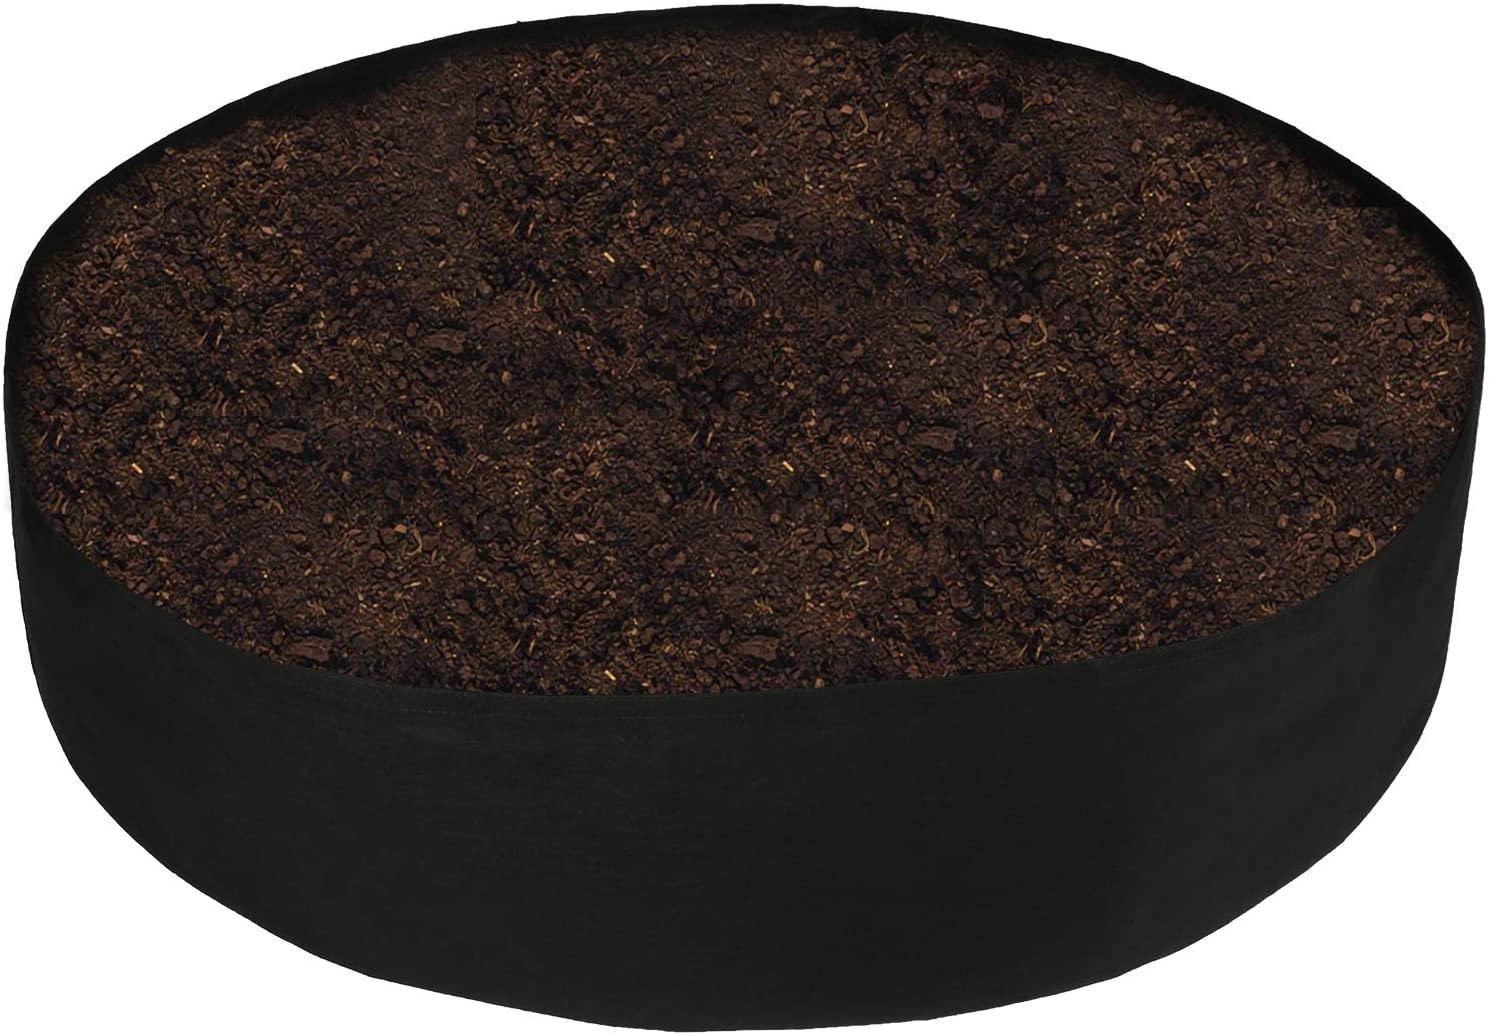 buy round raised garden bed online